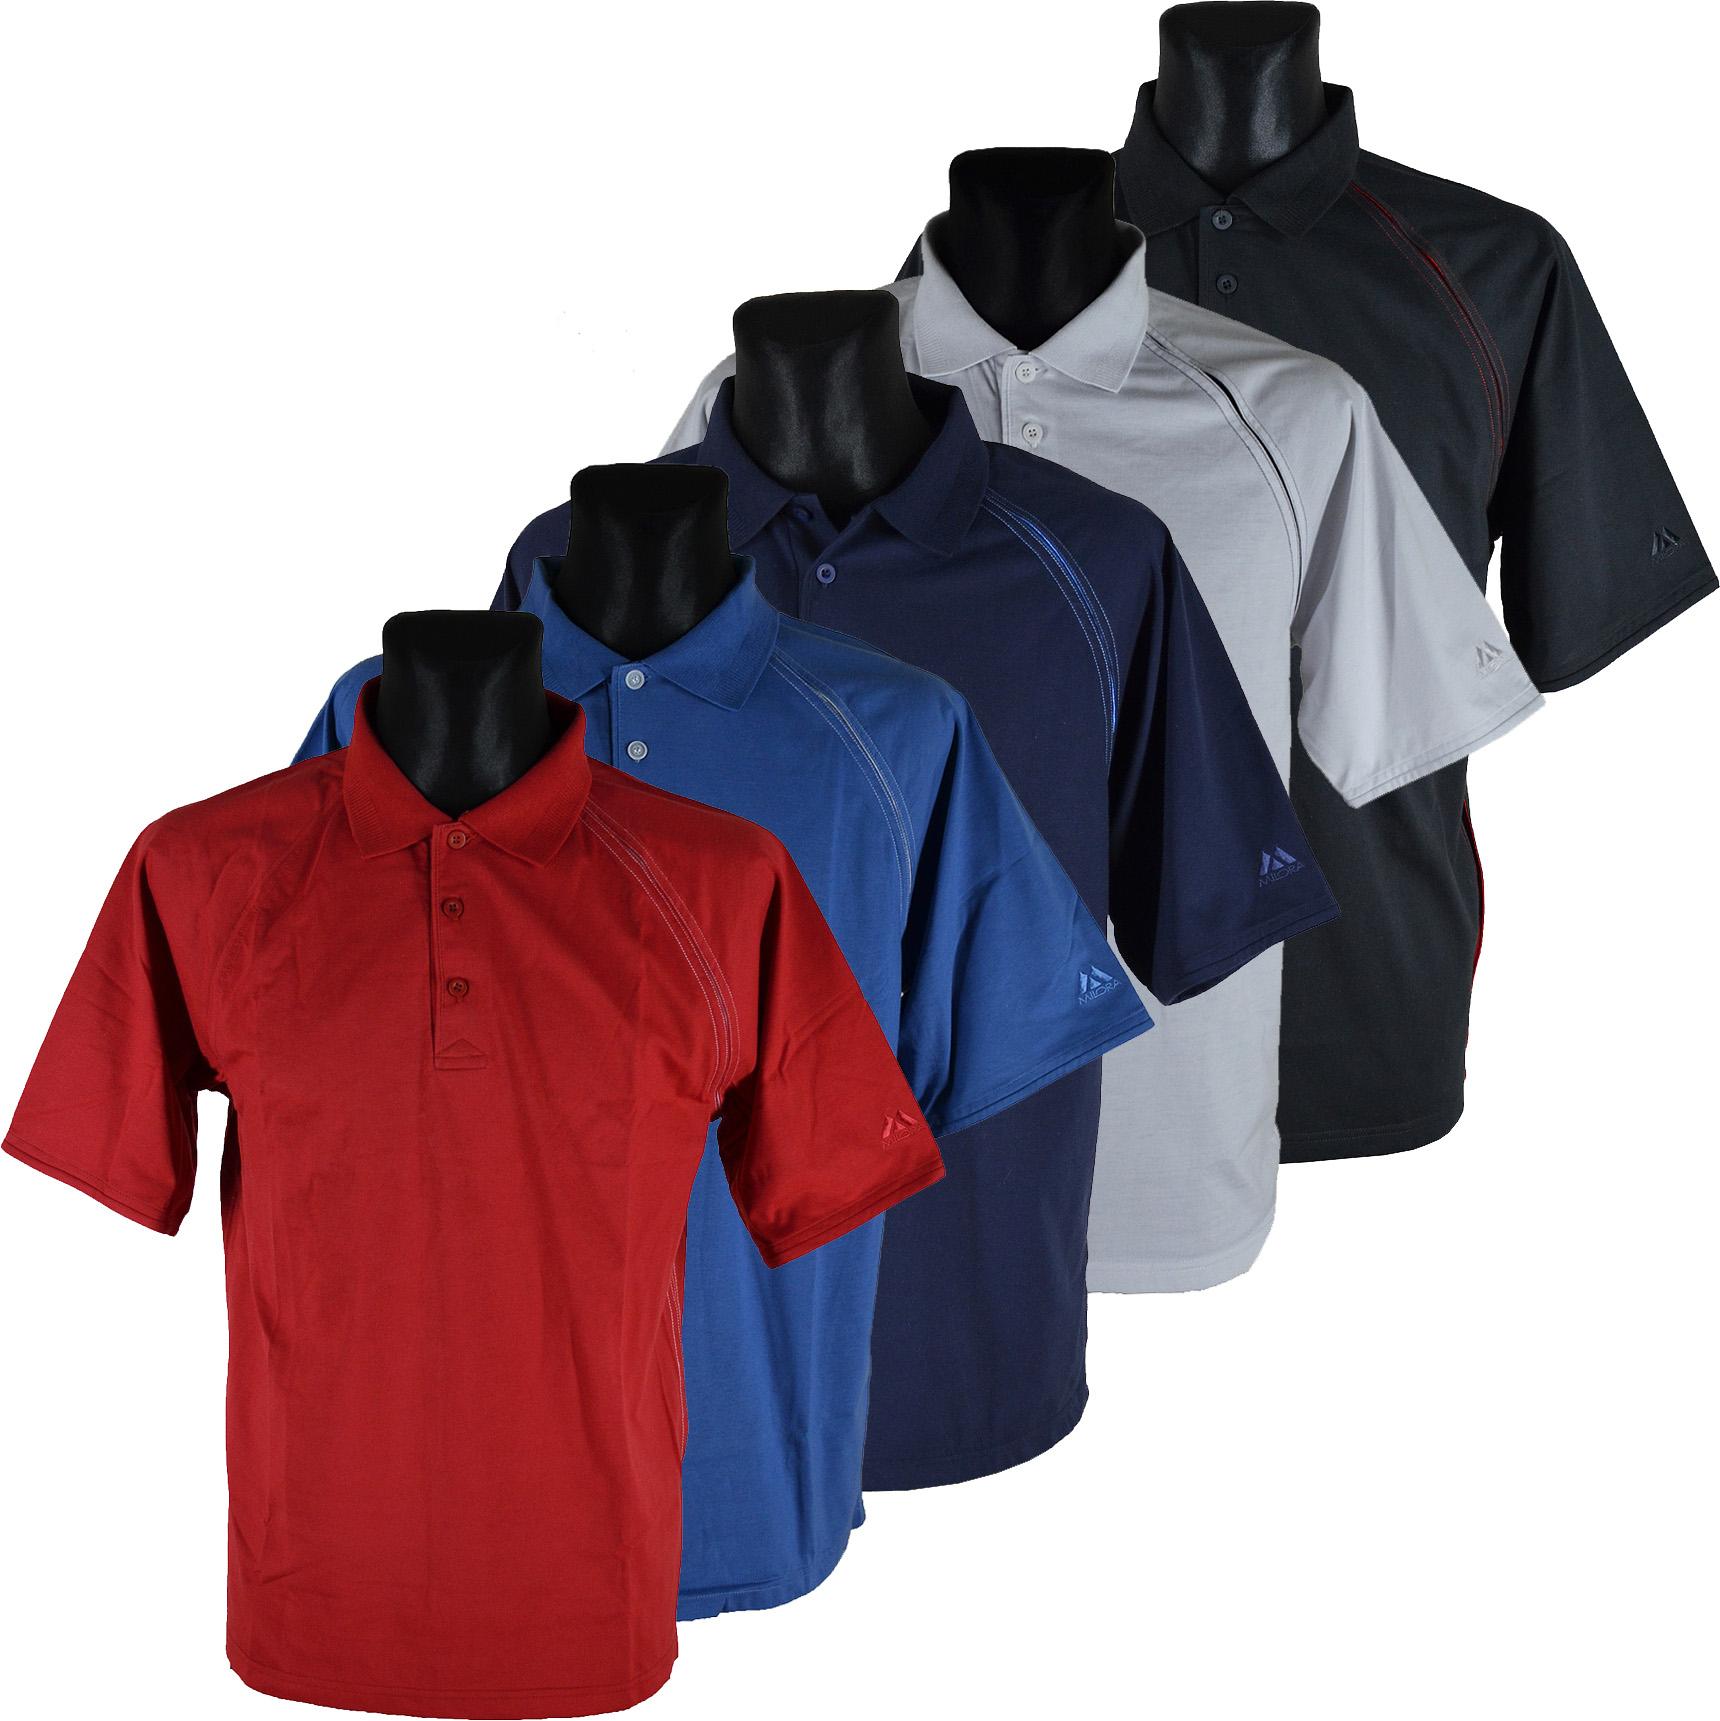 Однотонные спортивные футболки 52e8b36acc0f0